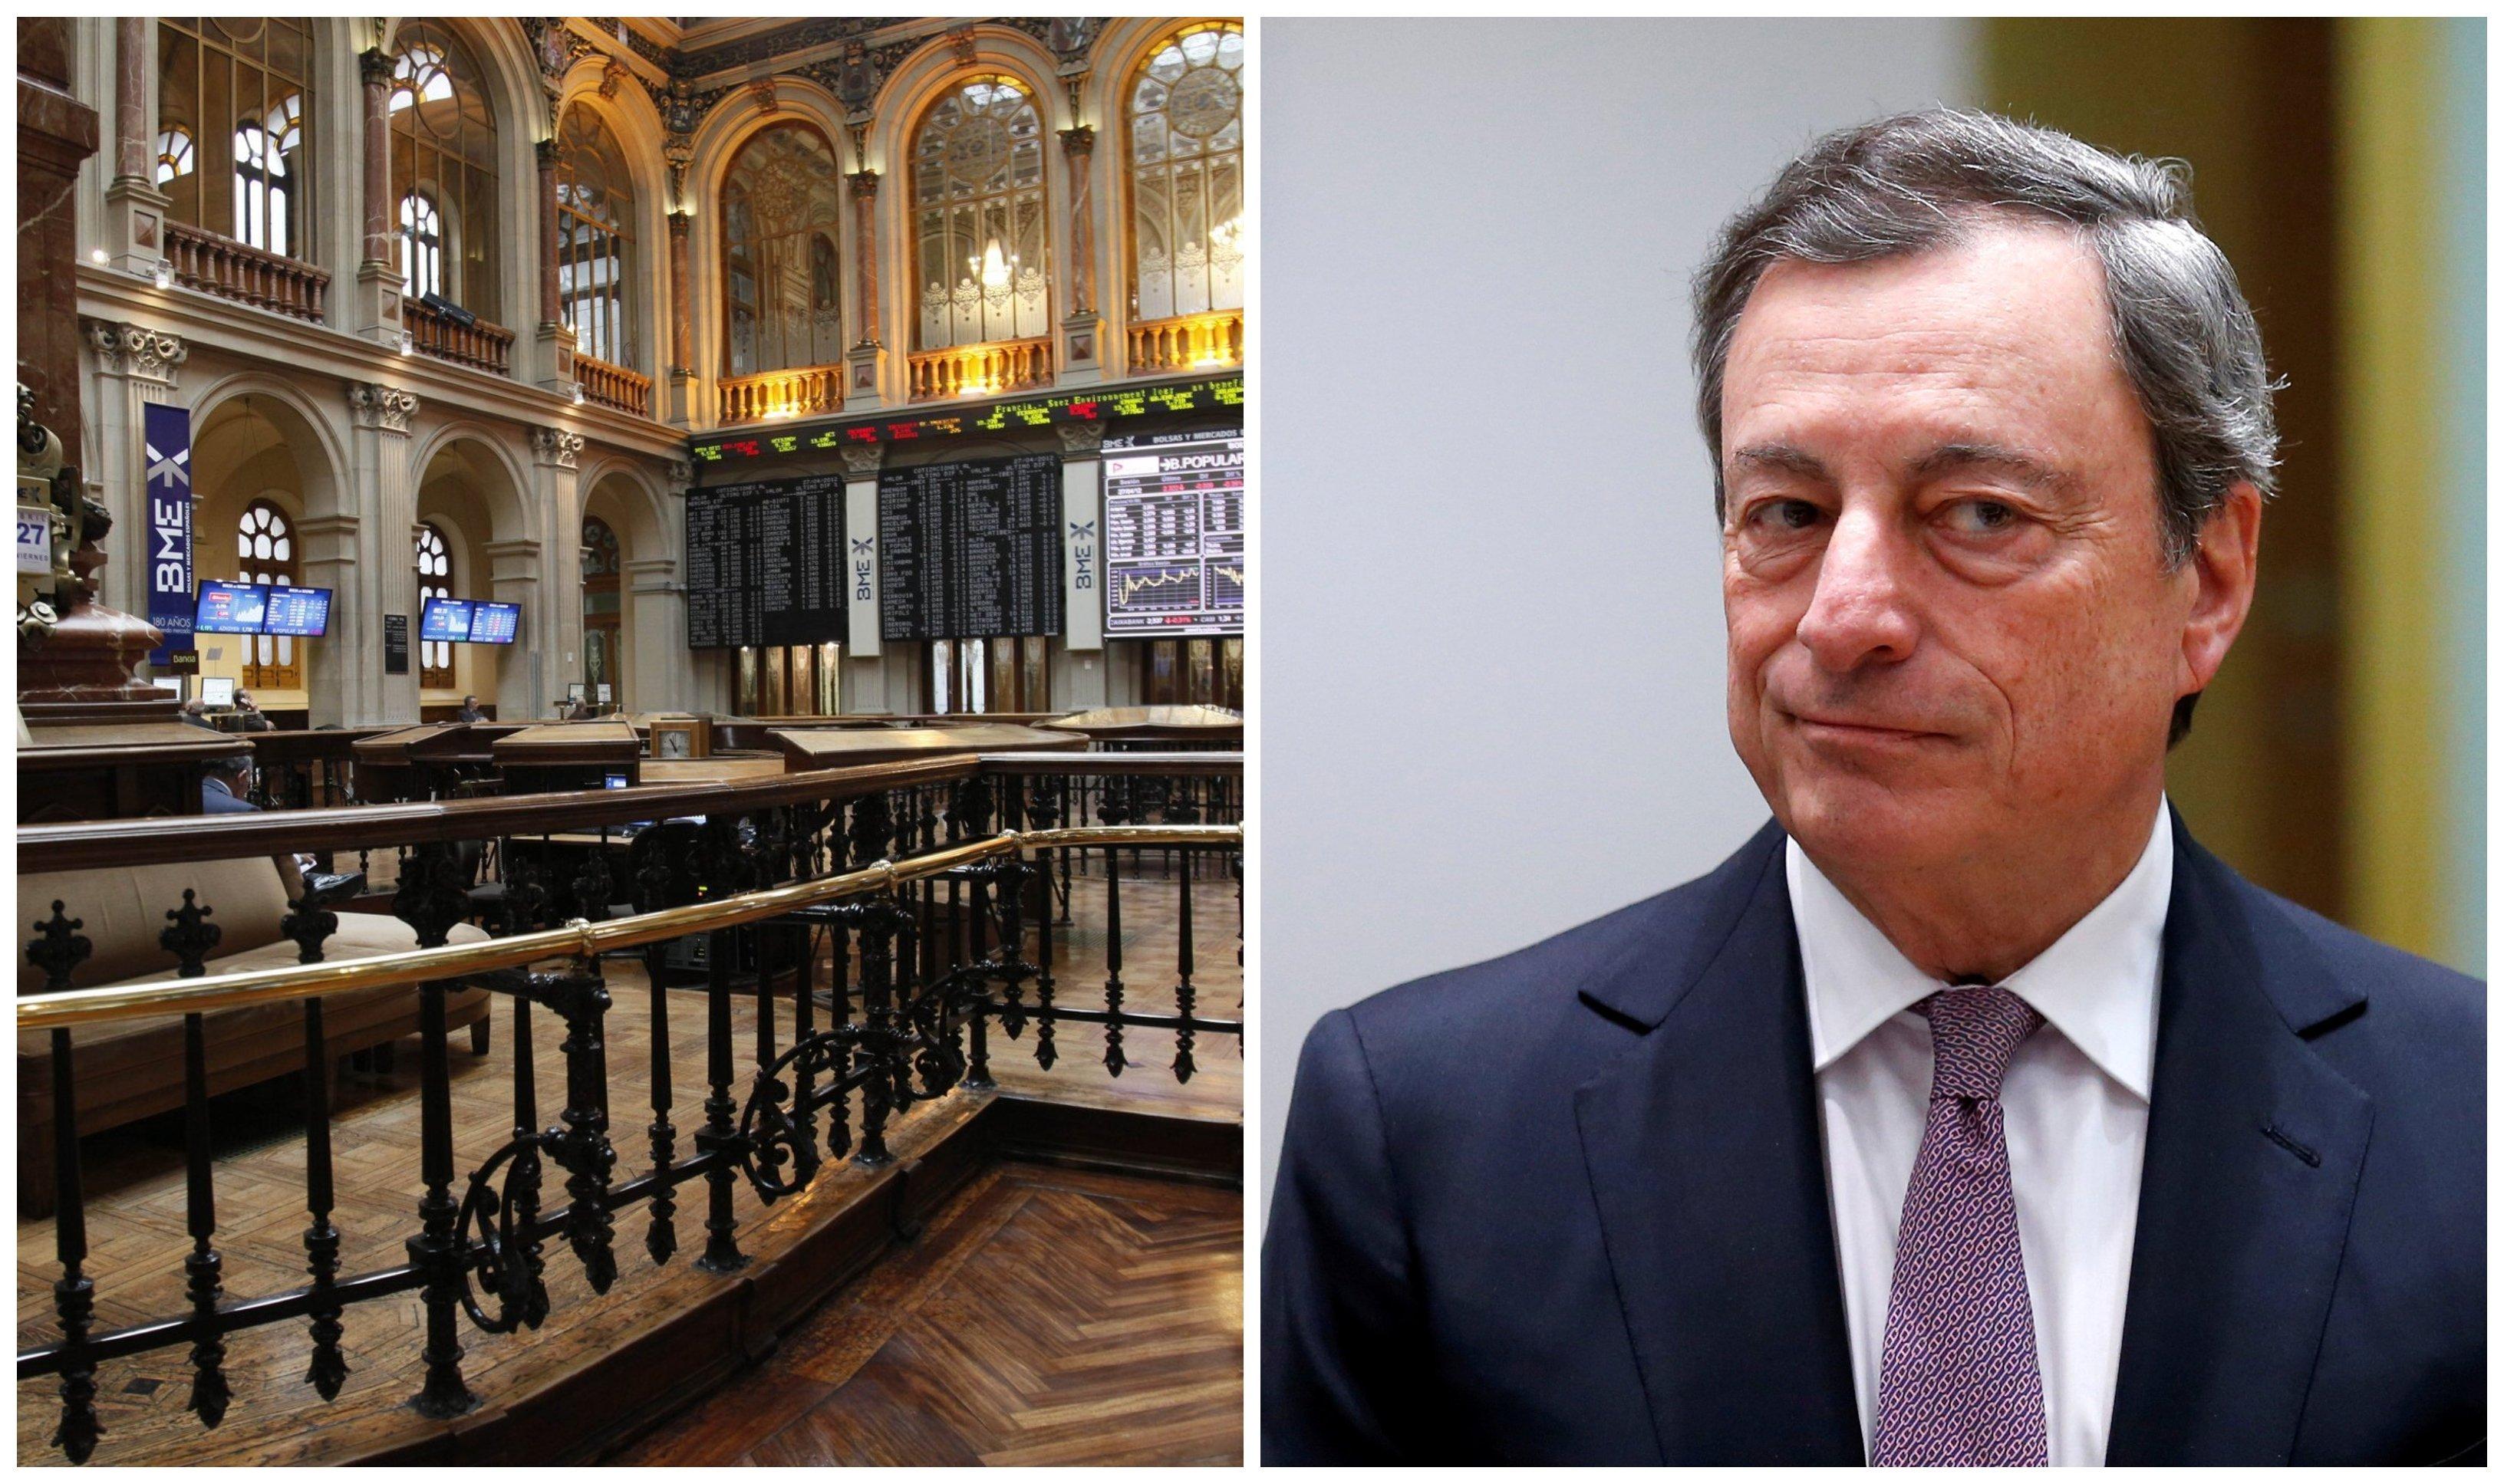 ¿Son los mercados idiotas o histéricos? La reacción al anuncio del BCE el jueves hace pensar lo peor